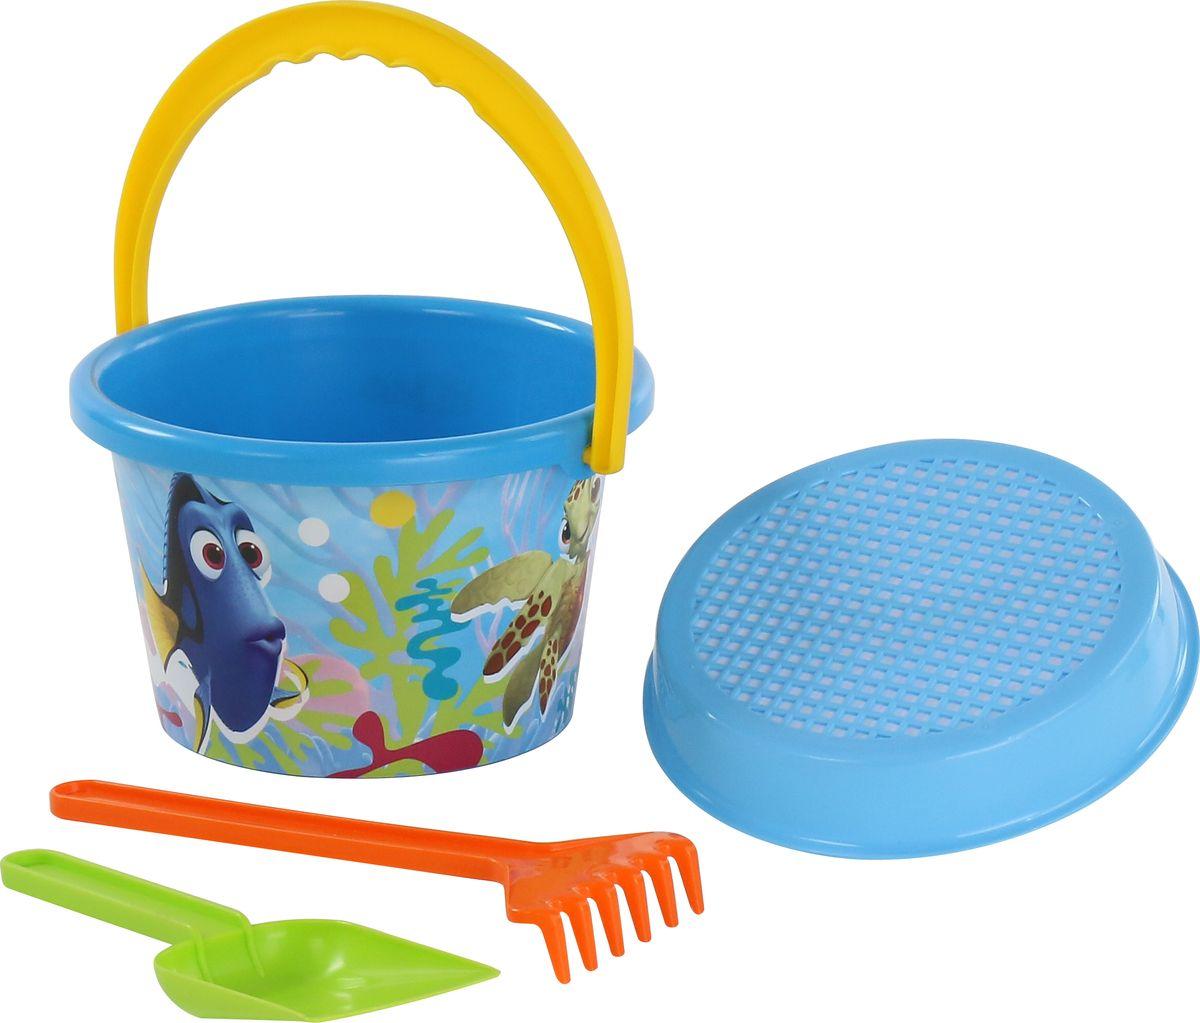 Disney / Pixar Набор игрушек для песочницы В поисках Немо №6 умка disney в поисках немо приключения в океане